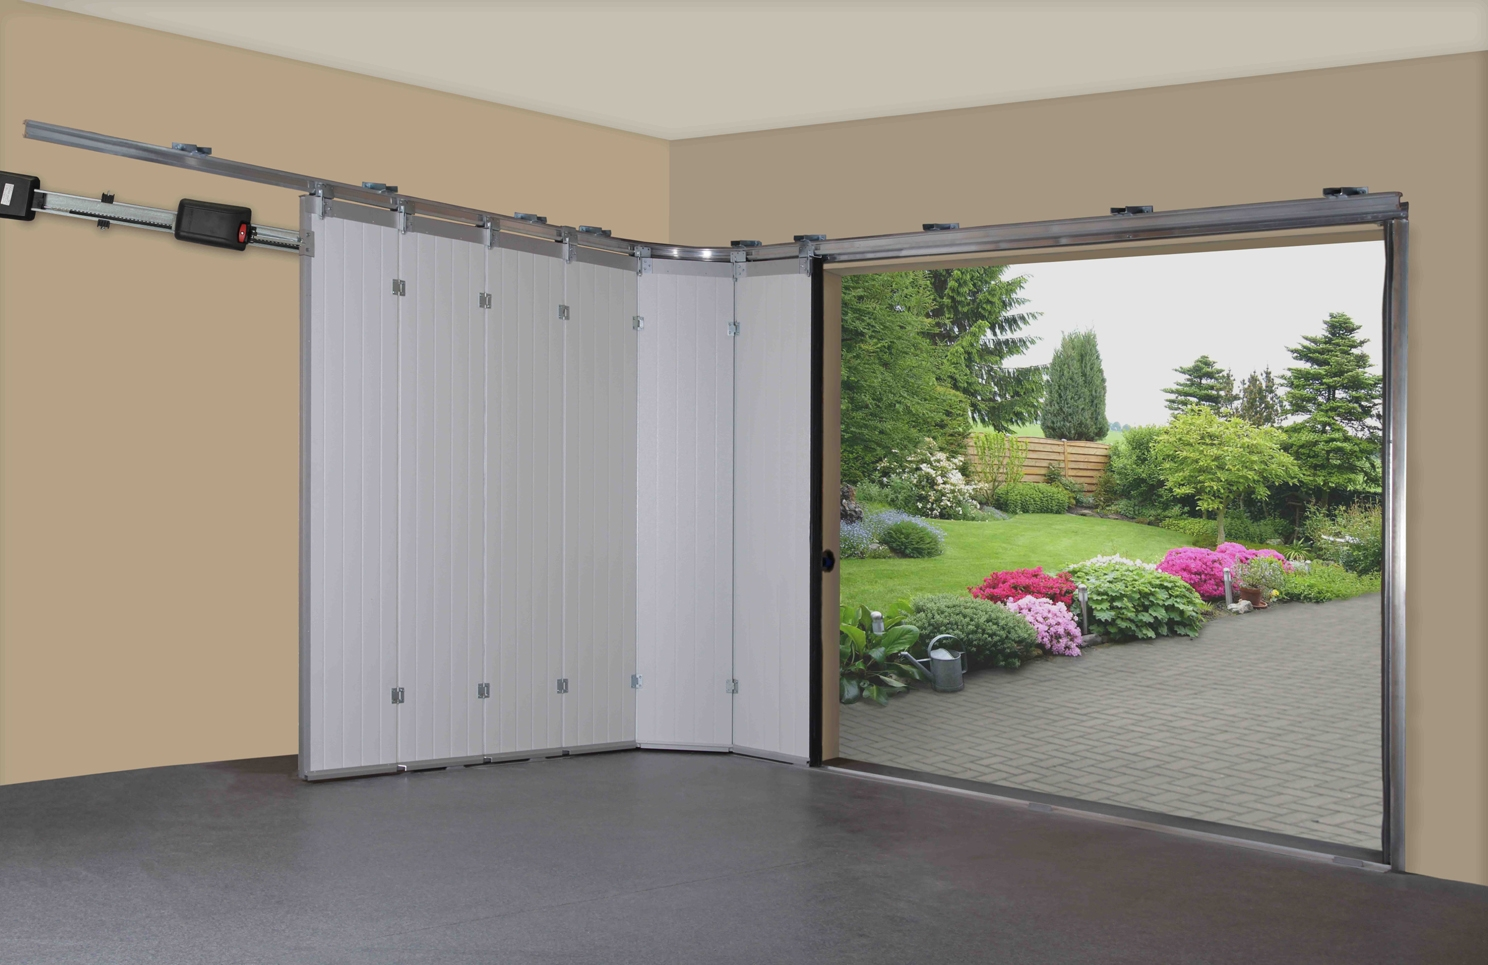 horizontal vertico garage security direct sliding door